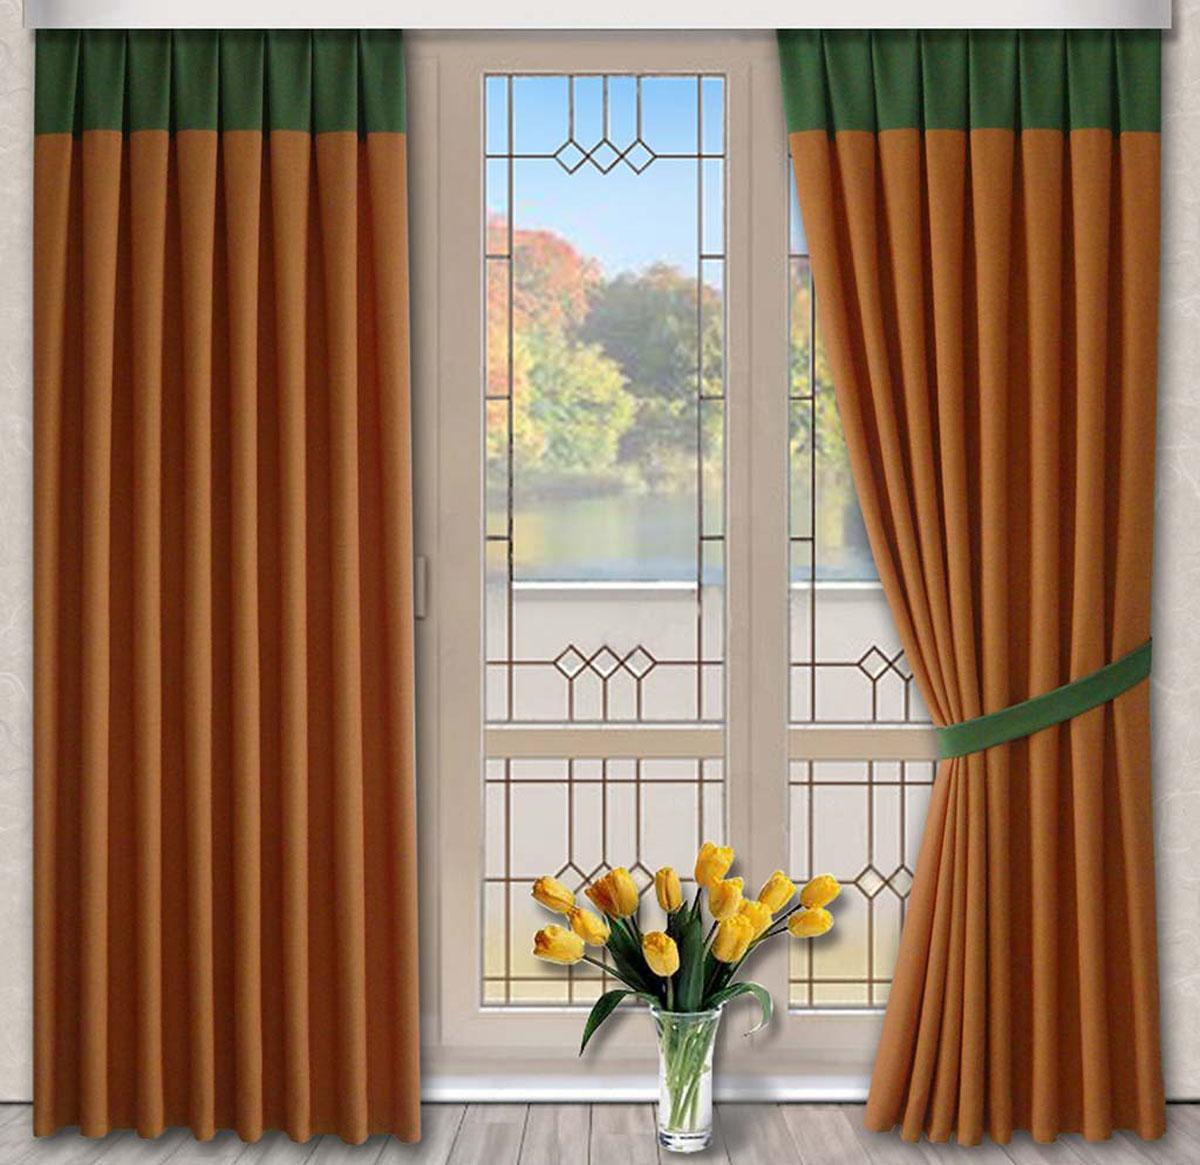 Комплект штор Кантри, на ленте, цвет: оранжевый, зеленый, высота 270 смS03301004Портьеры из плотной ткани под лён. Стирка не более 30 градусов.